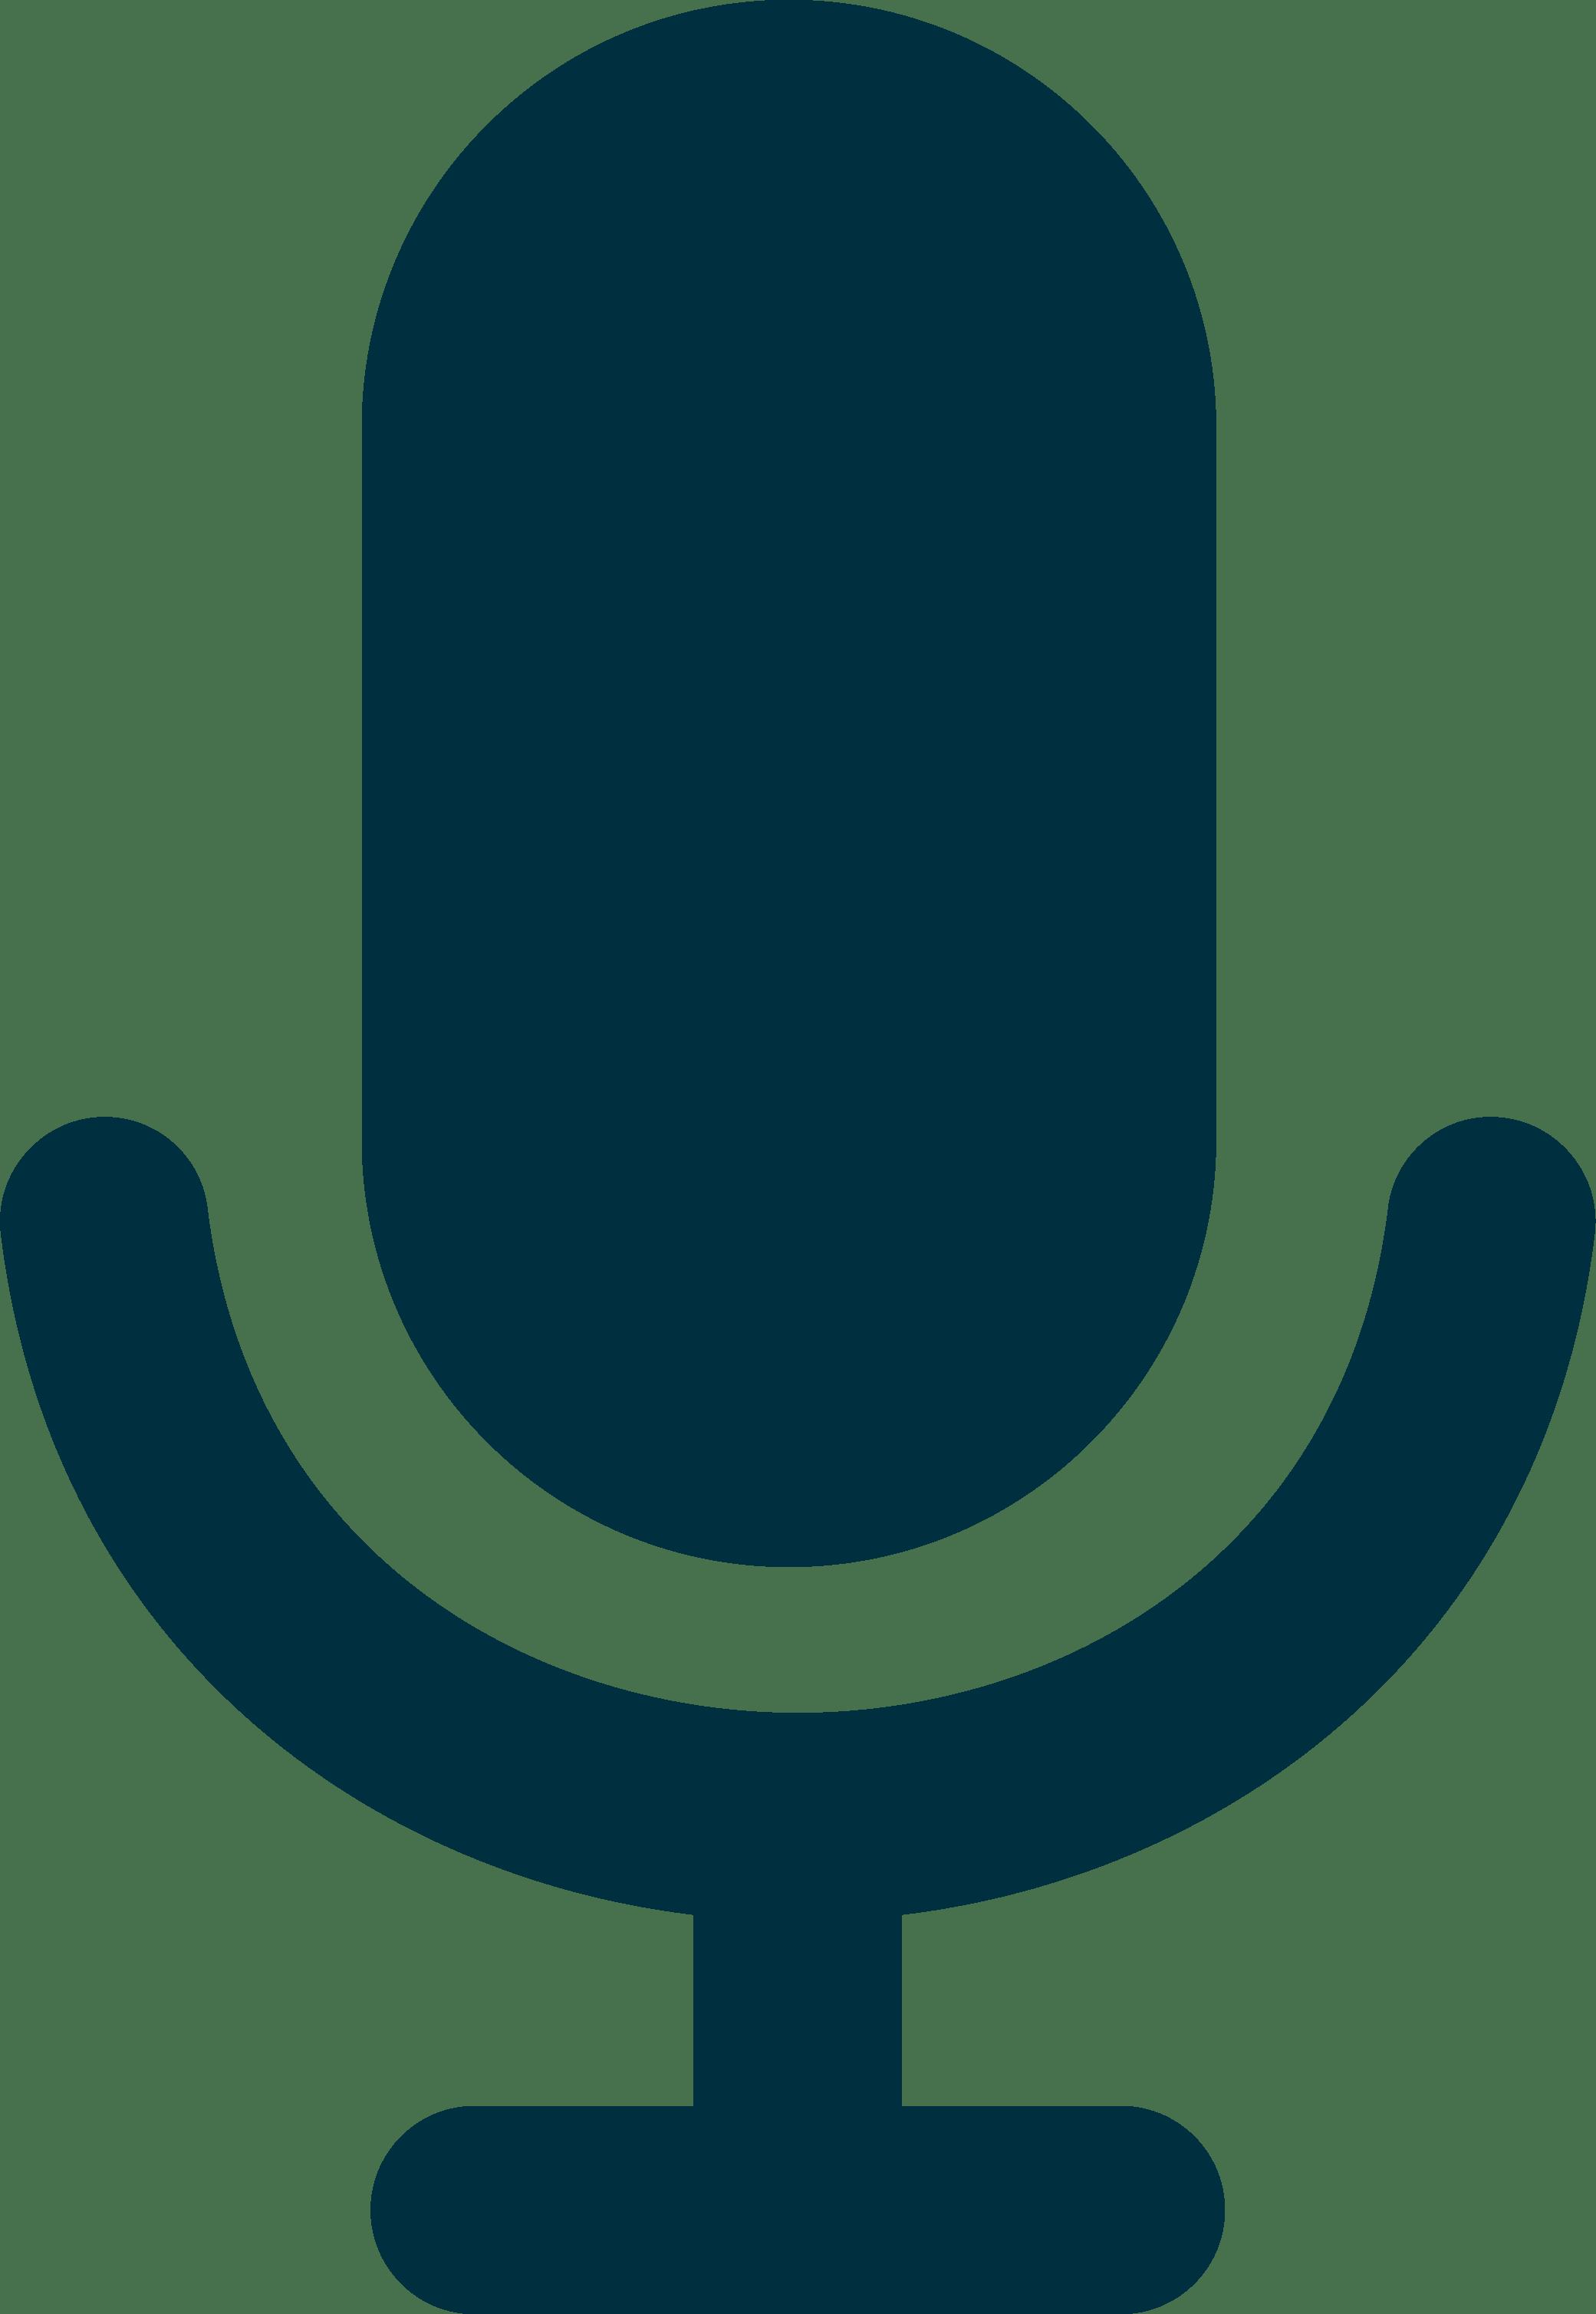 Podcast Studio Rental